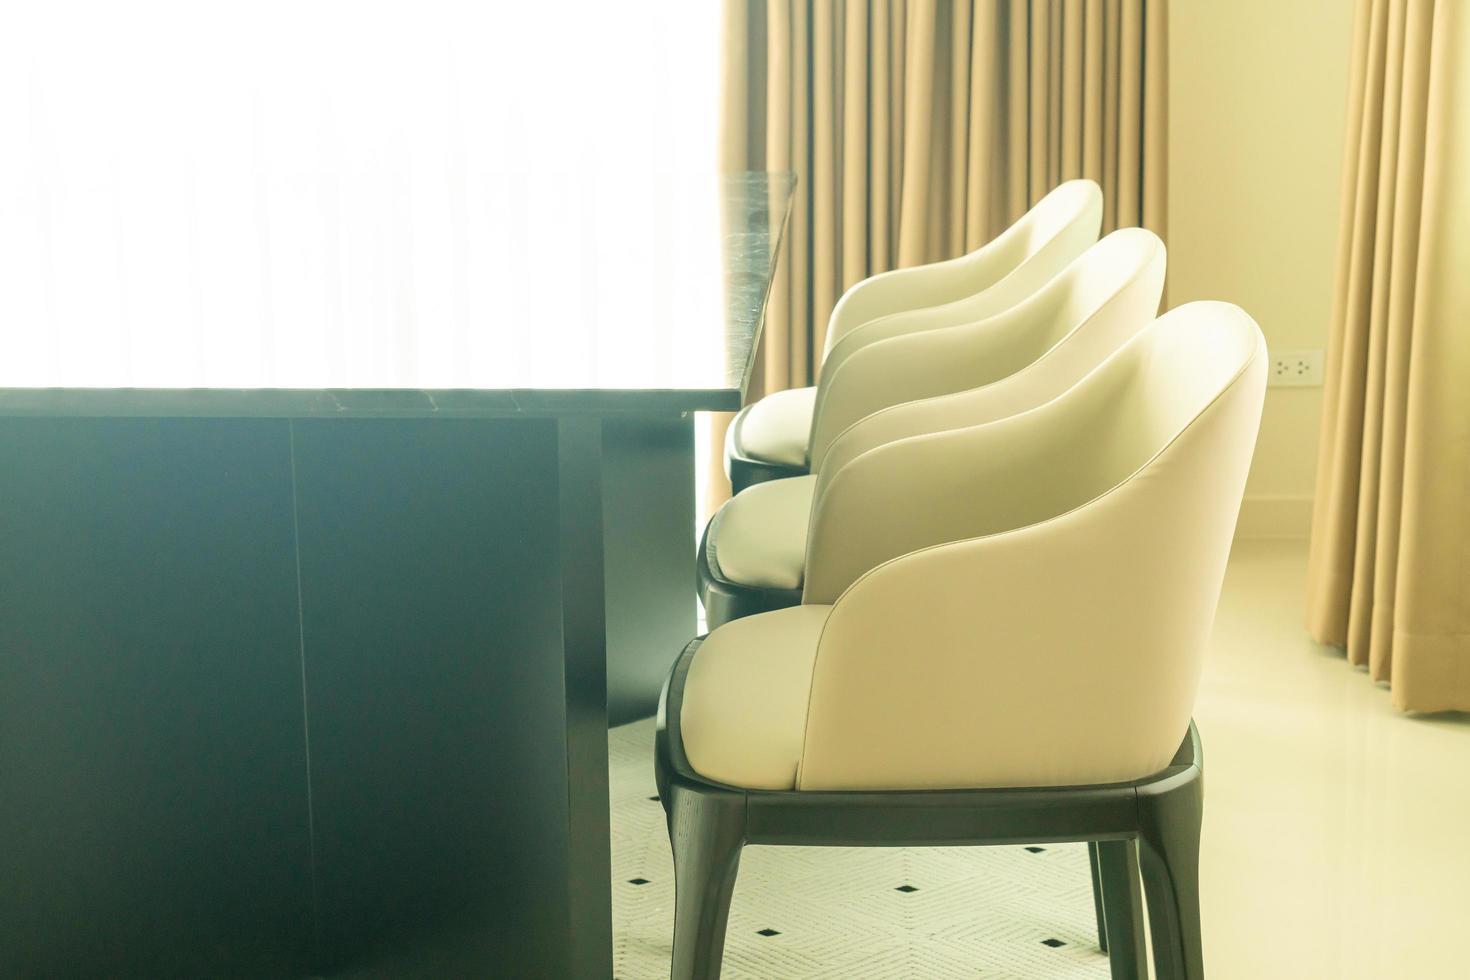 tomt matbord set och stol dekoration hemma foto